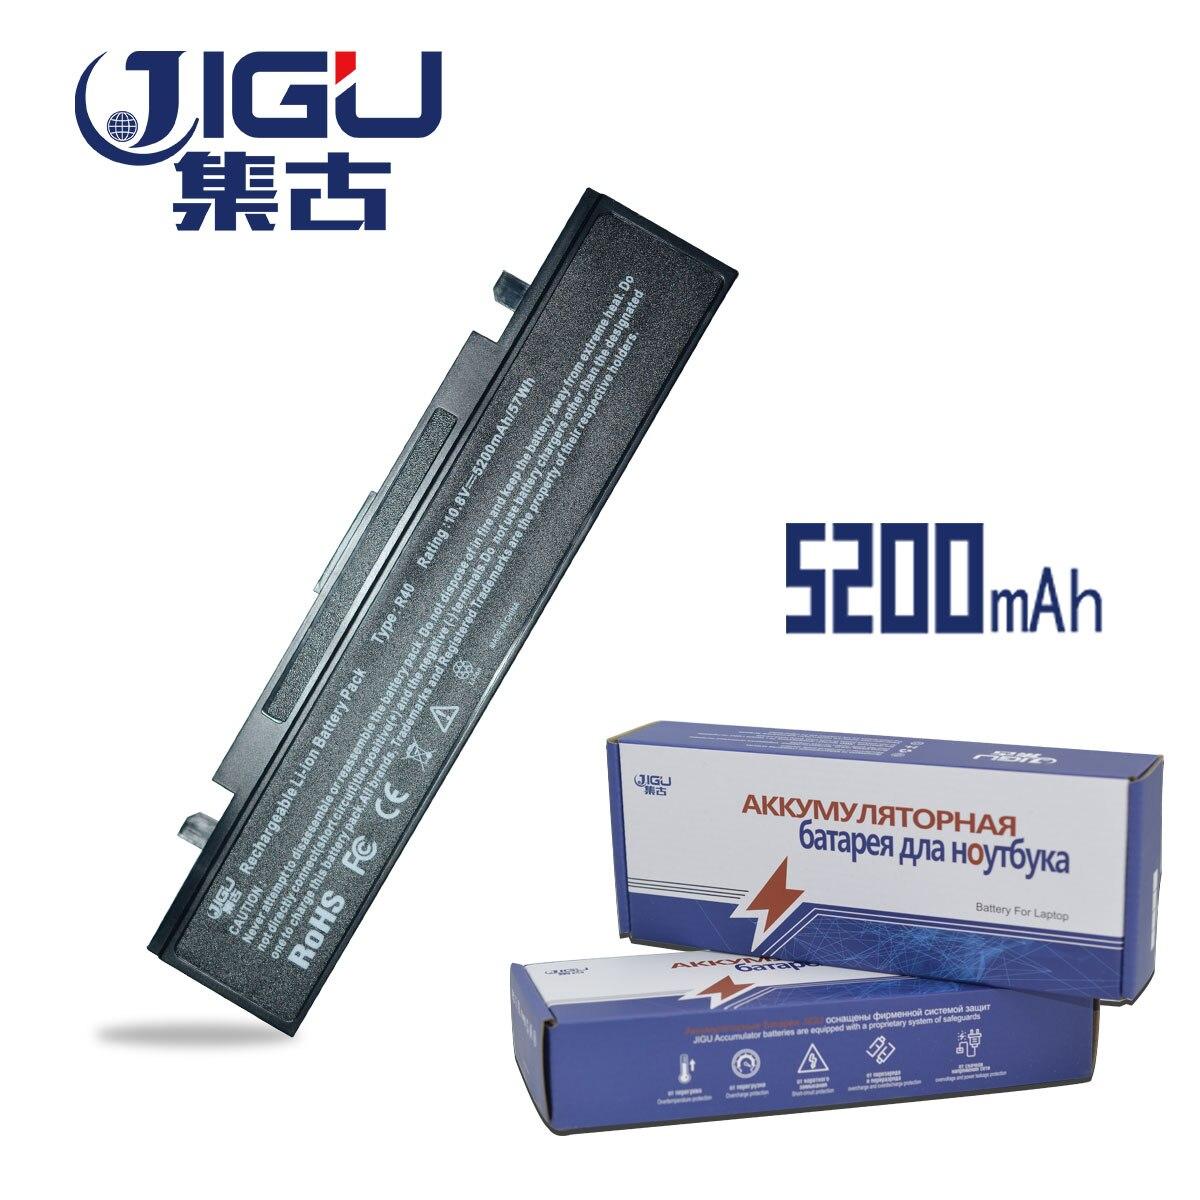 JIGU Batterie D'ordinateur Portable POUR Samsung R505 FS02 R510 R560 P50 Pro P60Pro Q210 Q310 Q320 R39-DY04 R40 R408 R410 R45 r45 Pro R458 R460